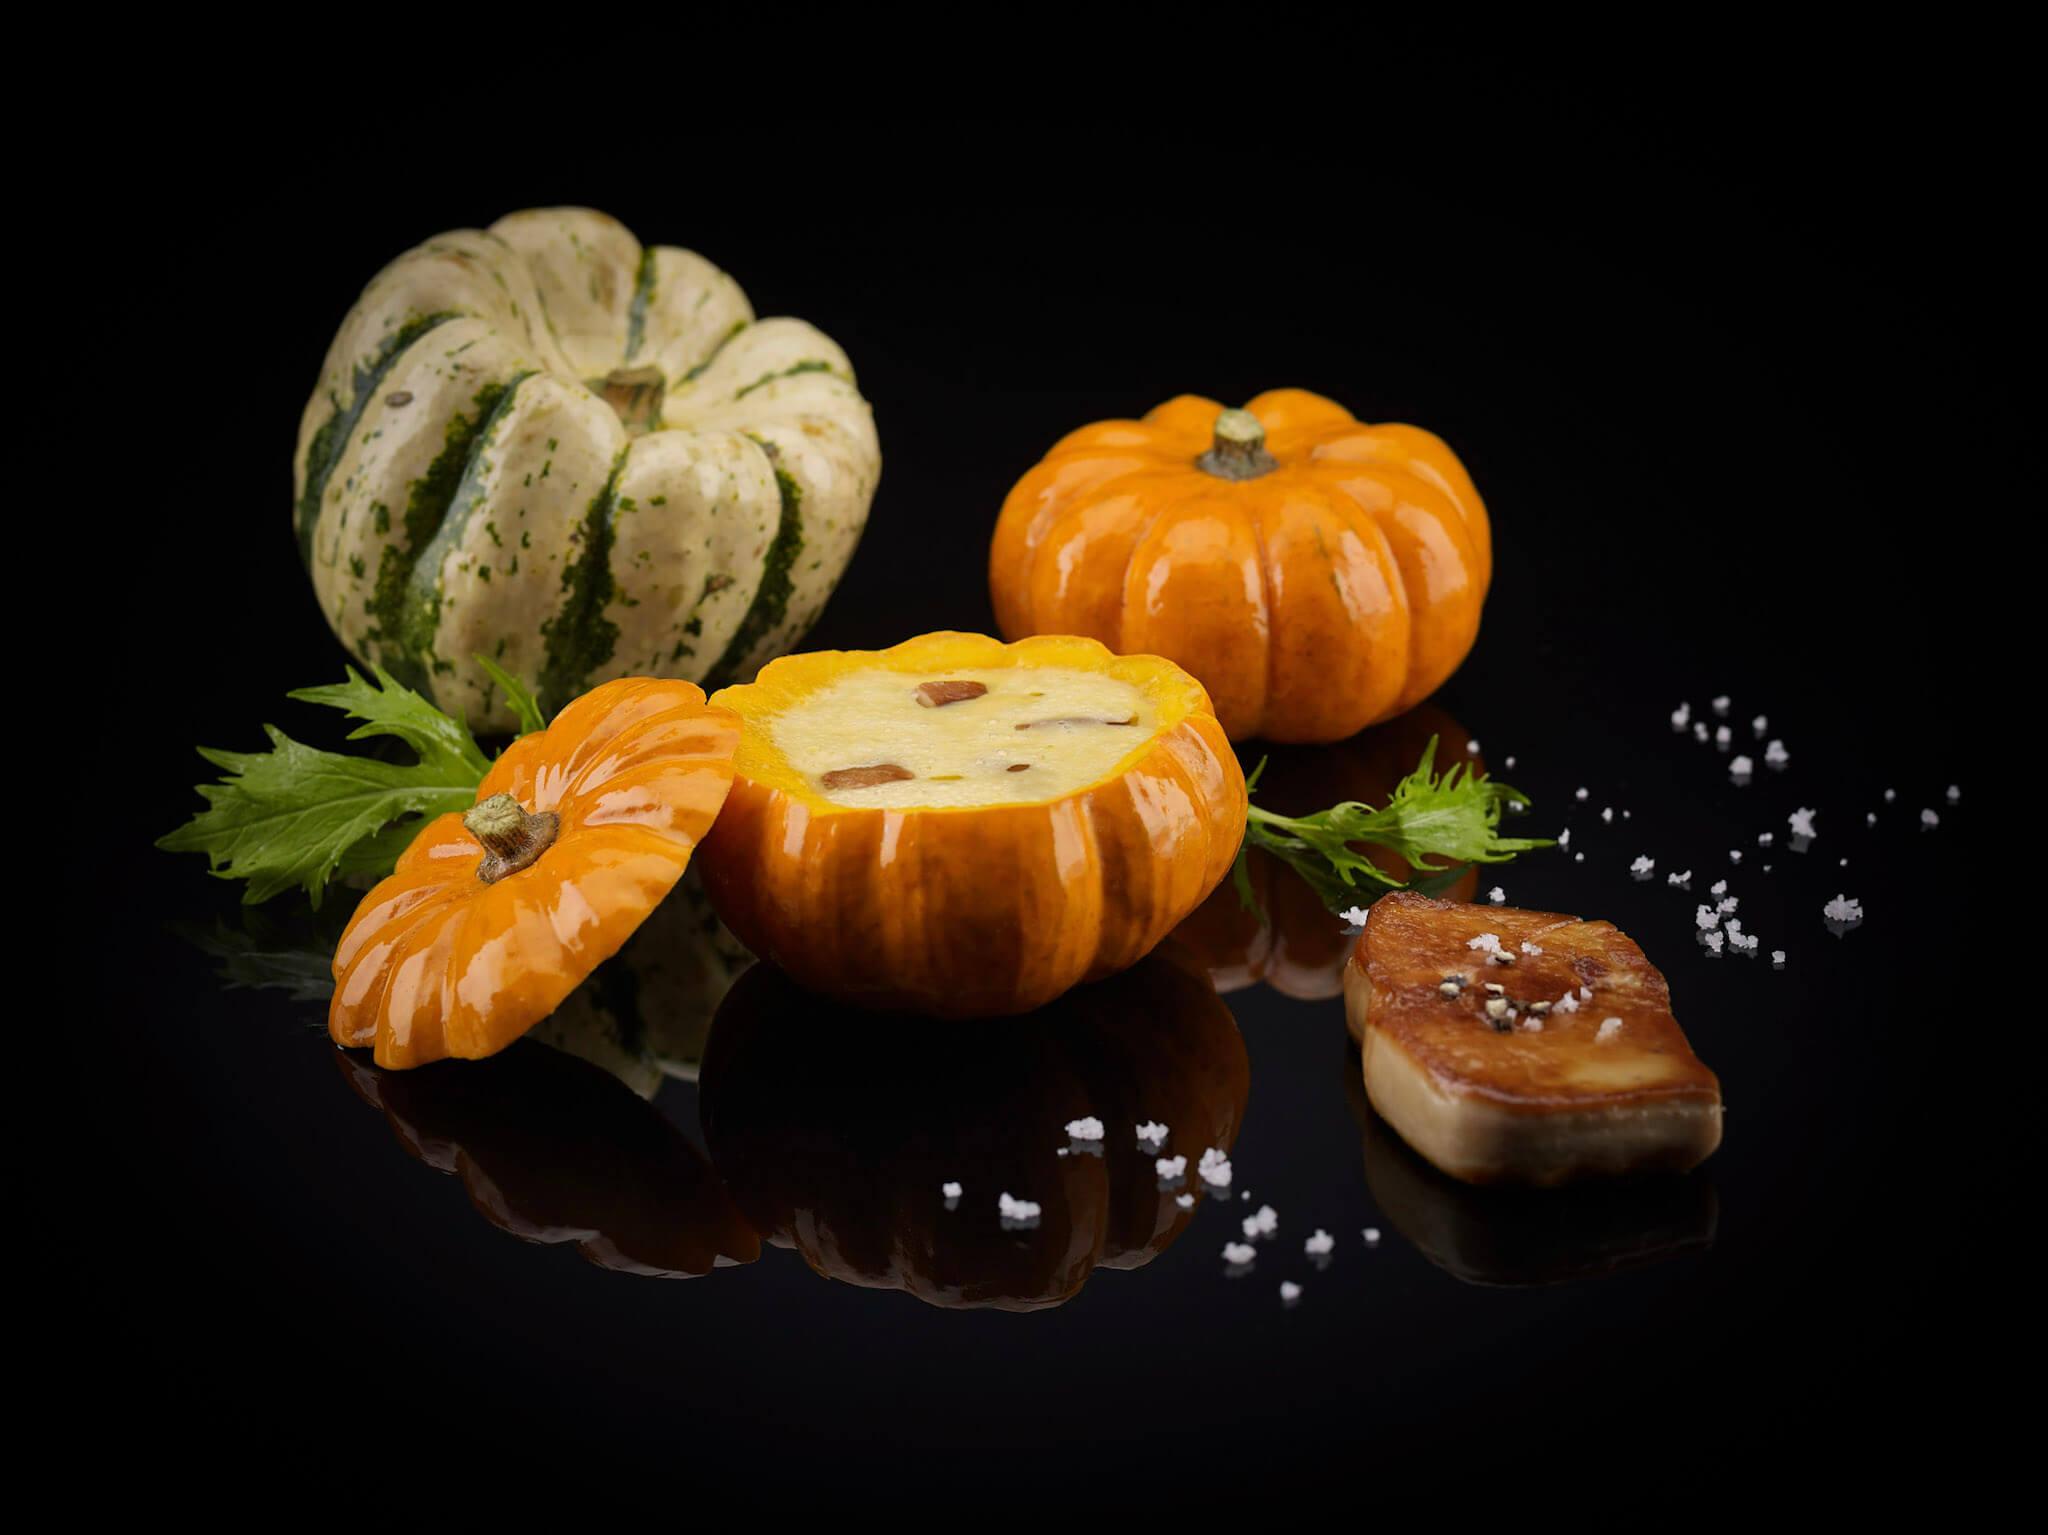 Les réalisations Lehmann Studio, photographe à Angers - shooting culinaire en studio soupe potimaron